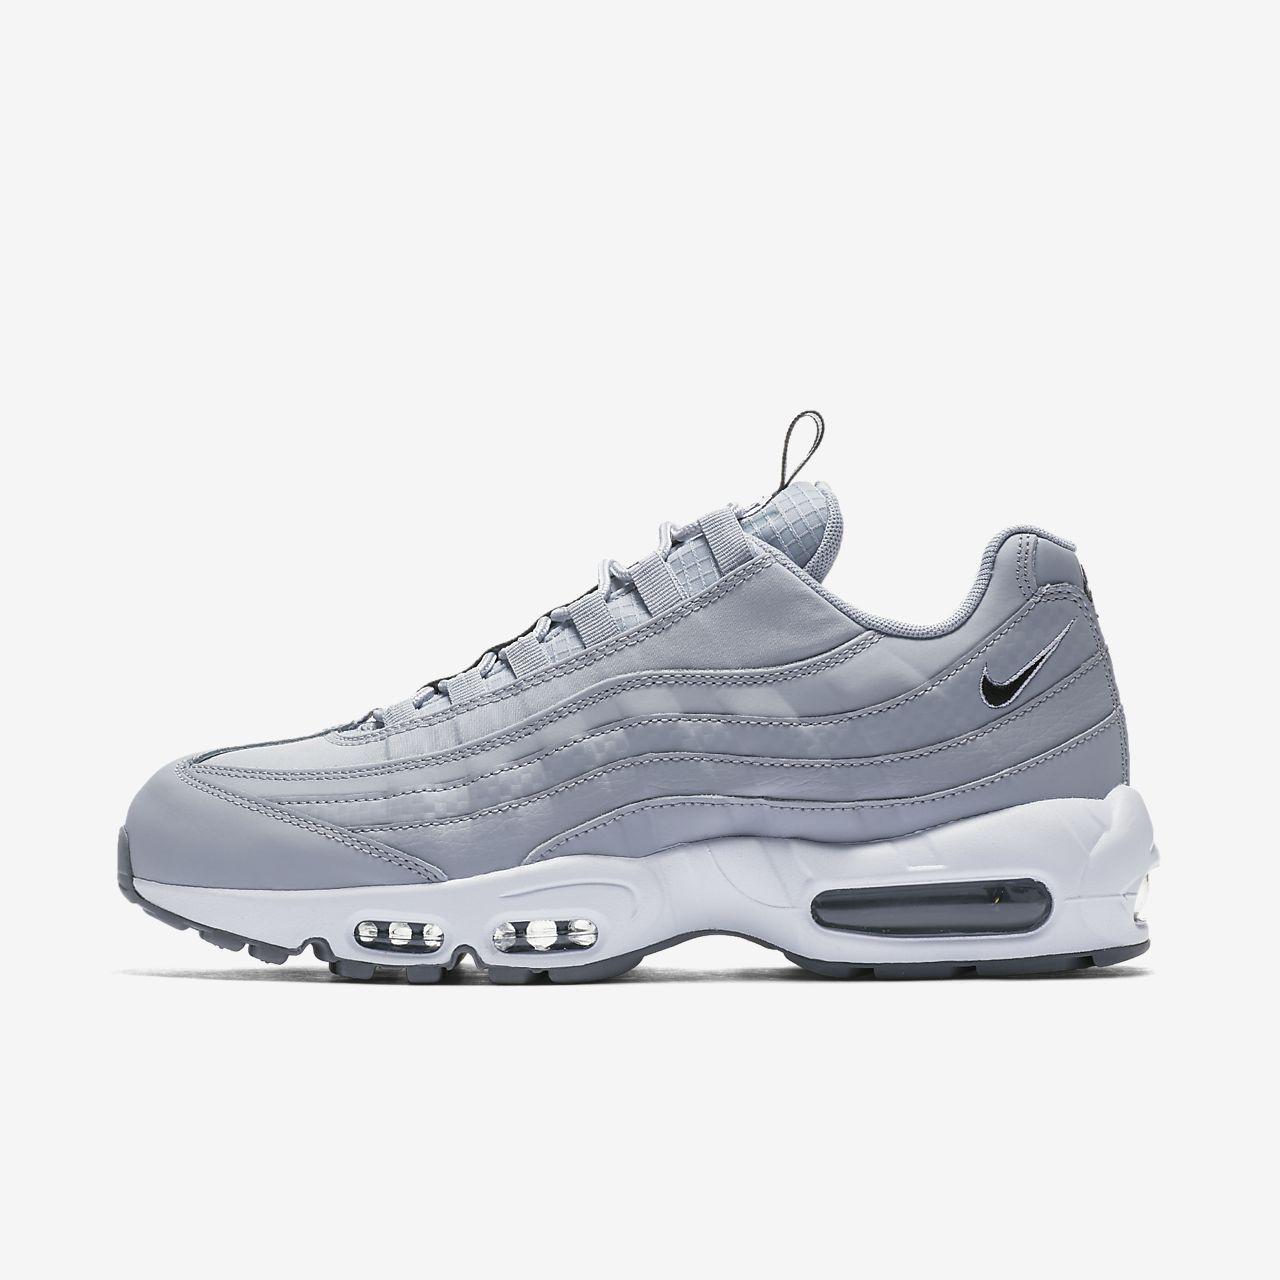 ... Nike Air Max 95 SE Men's Shoe